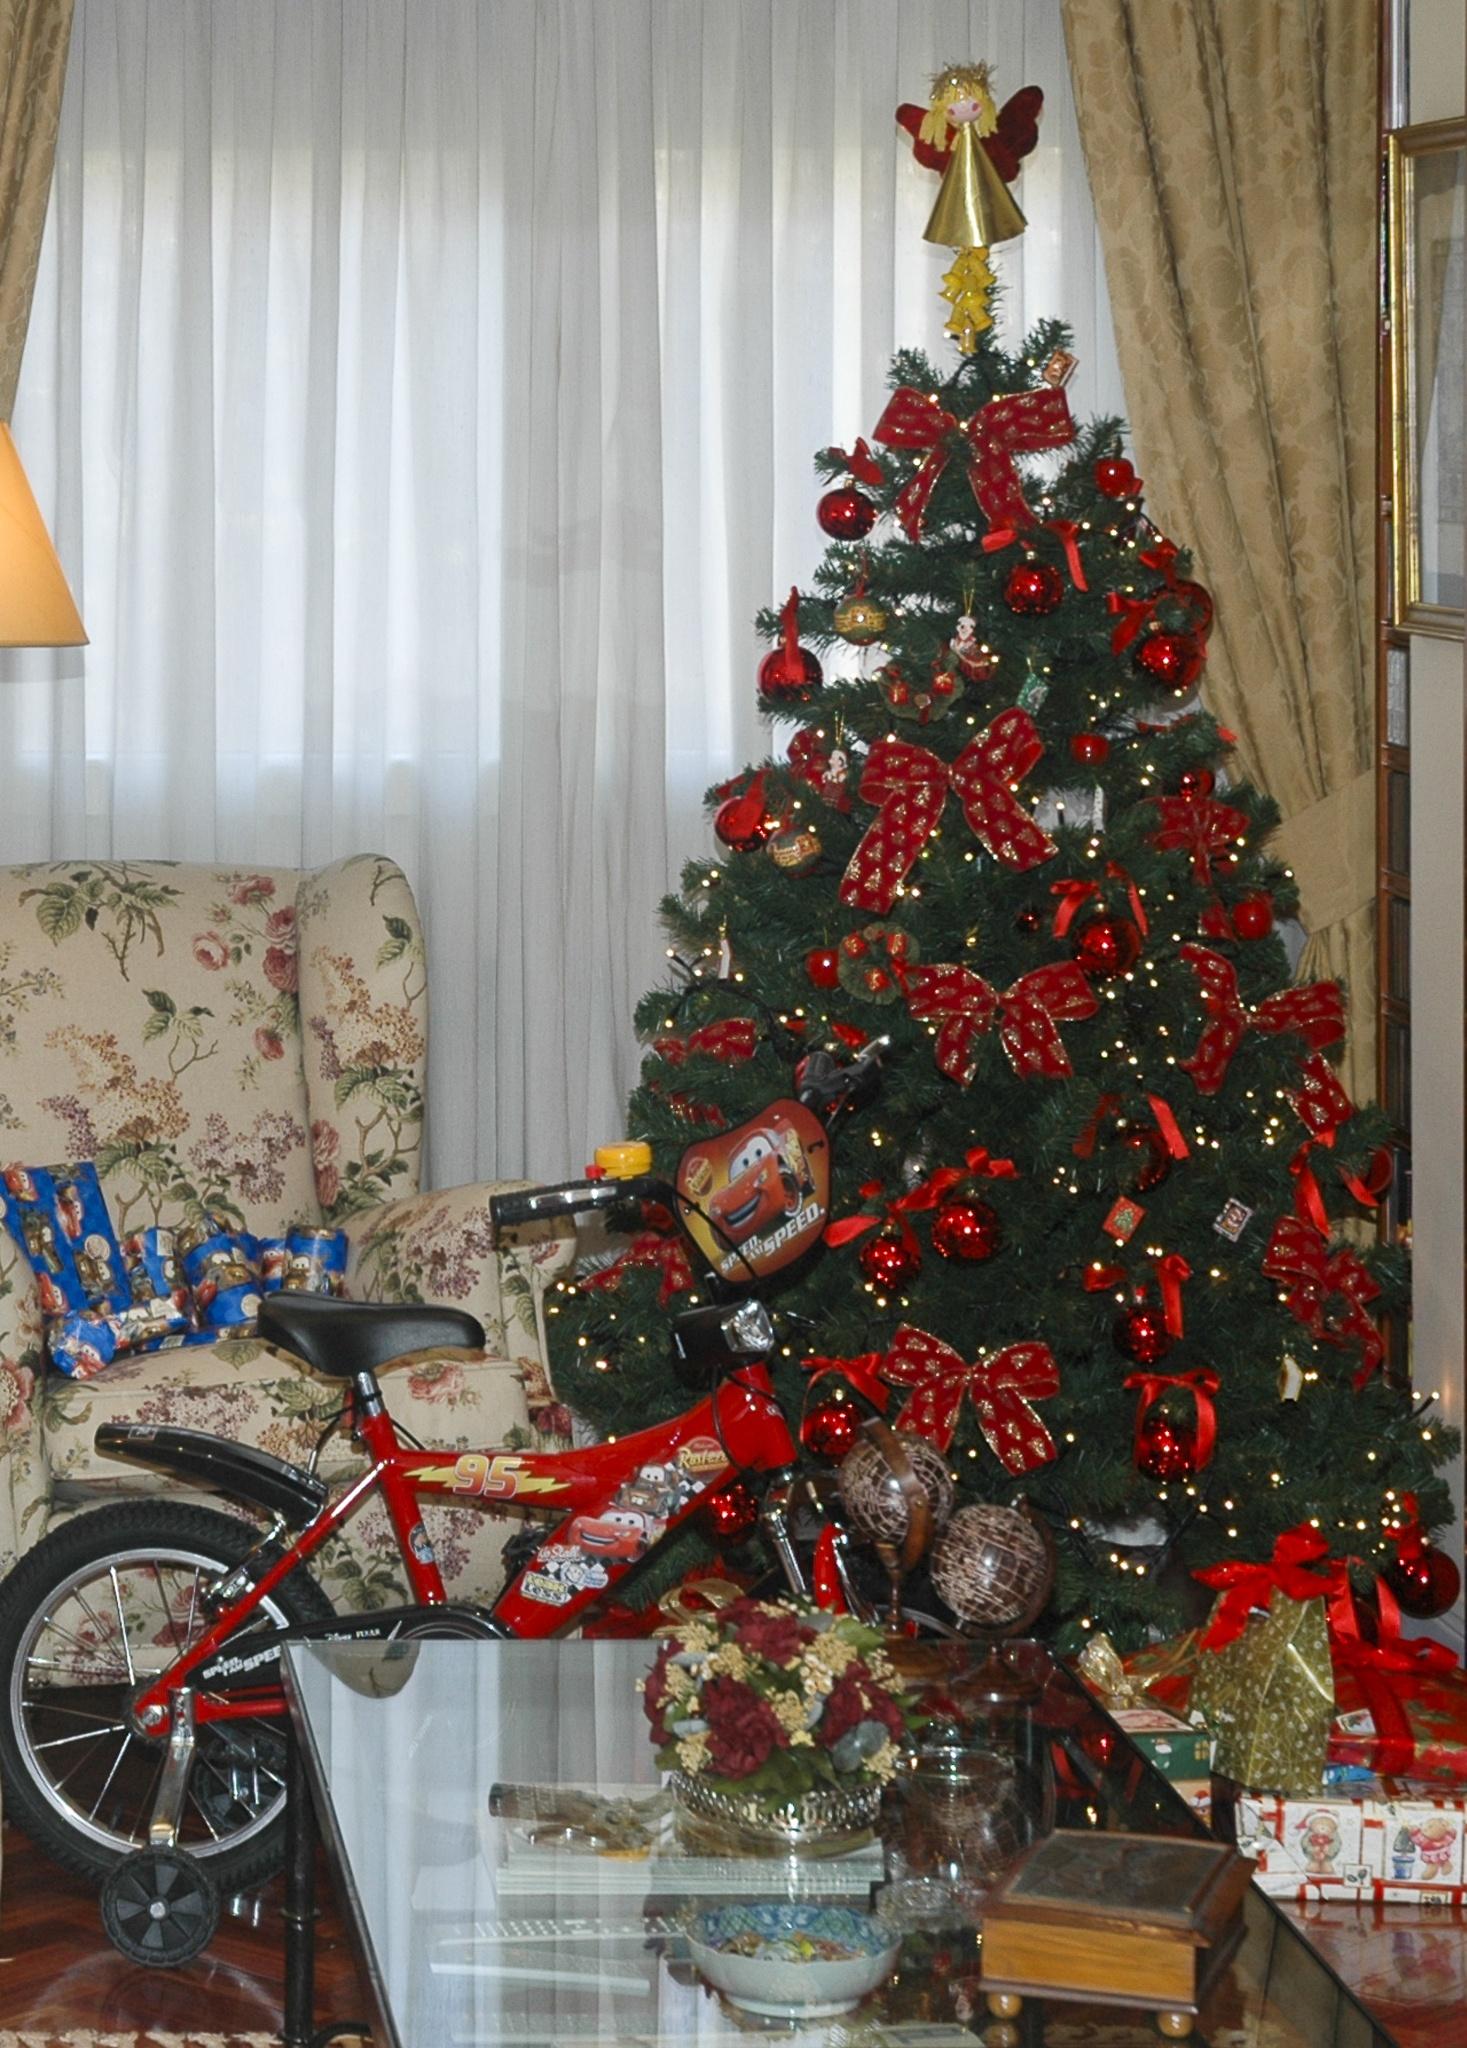 Christmas tree by Jose Manuel Navarro